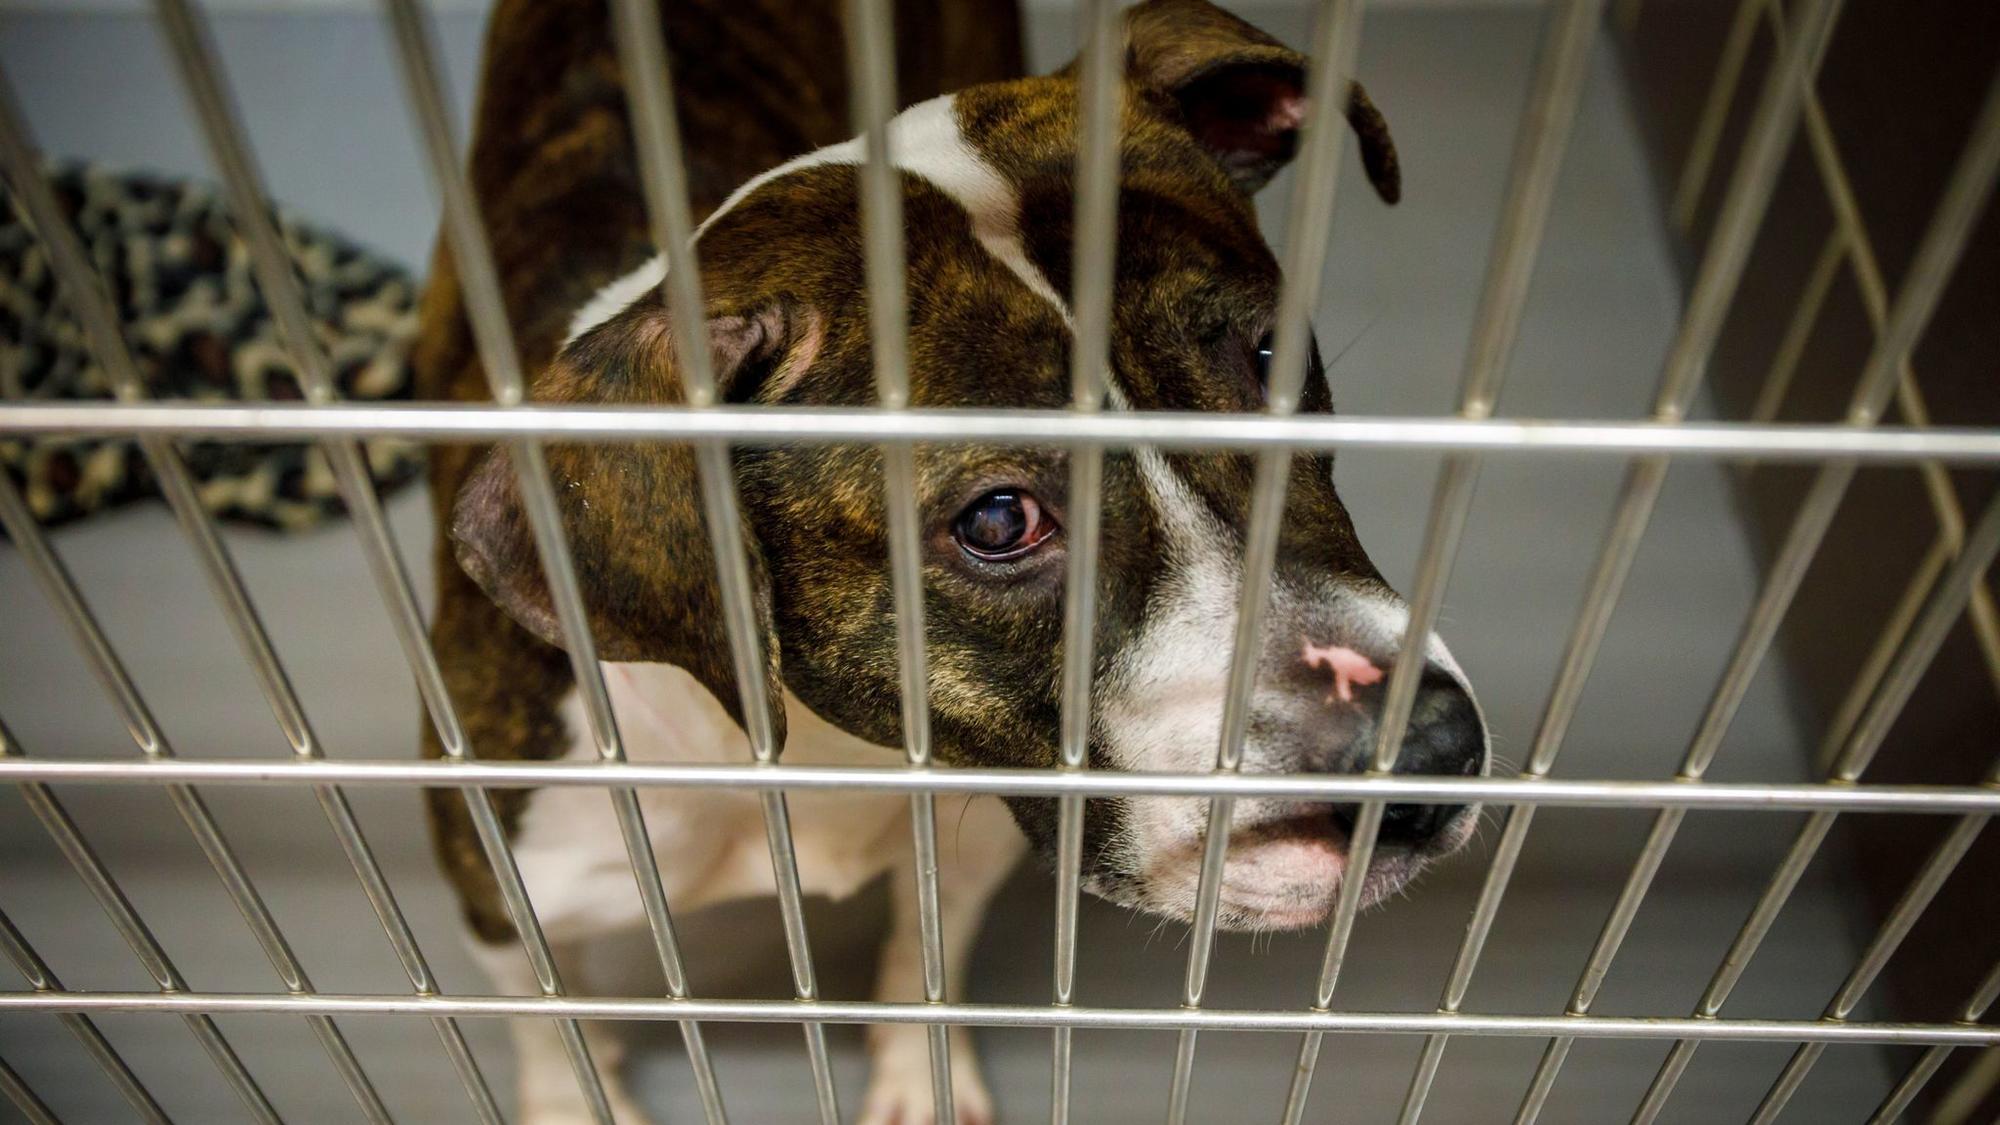 City Dog Shelter Hits Capacity Of 300 Has To Consider Euthanizing Animals